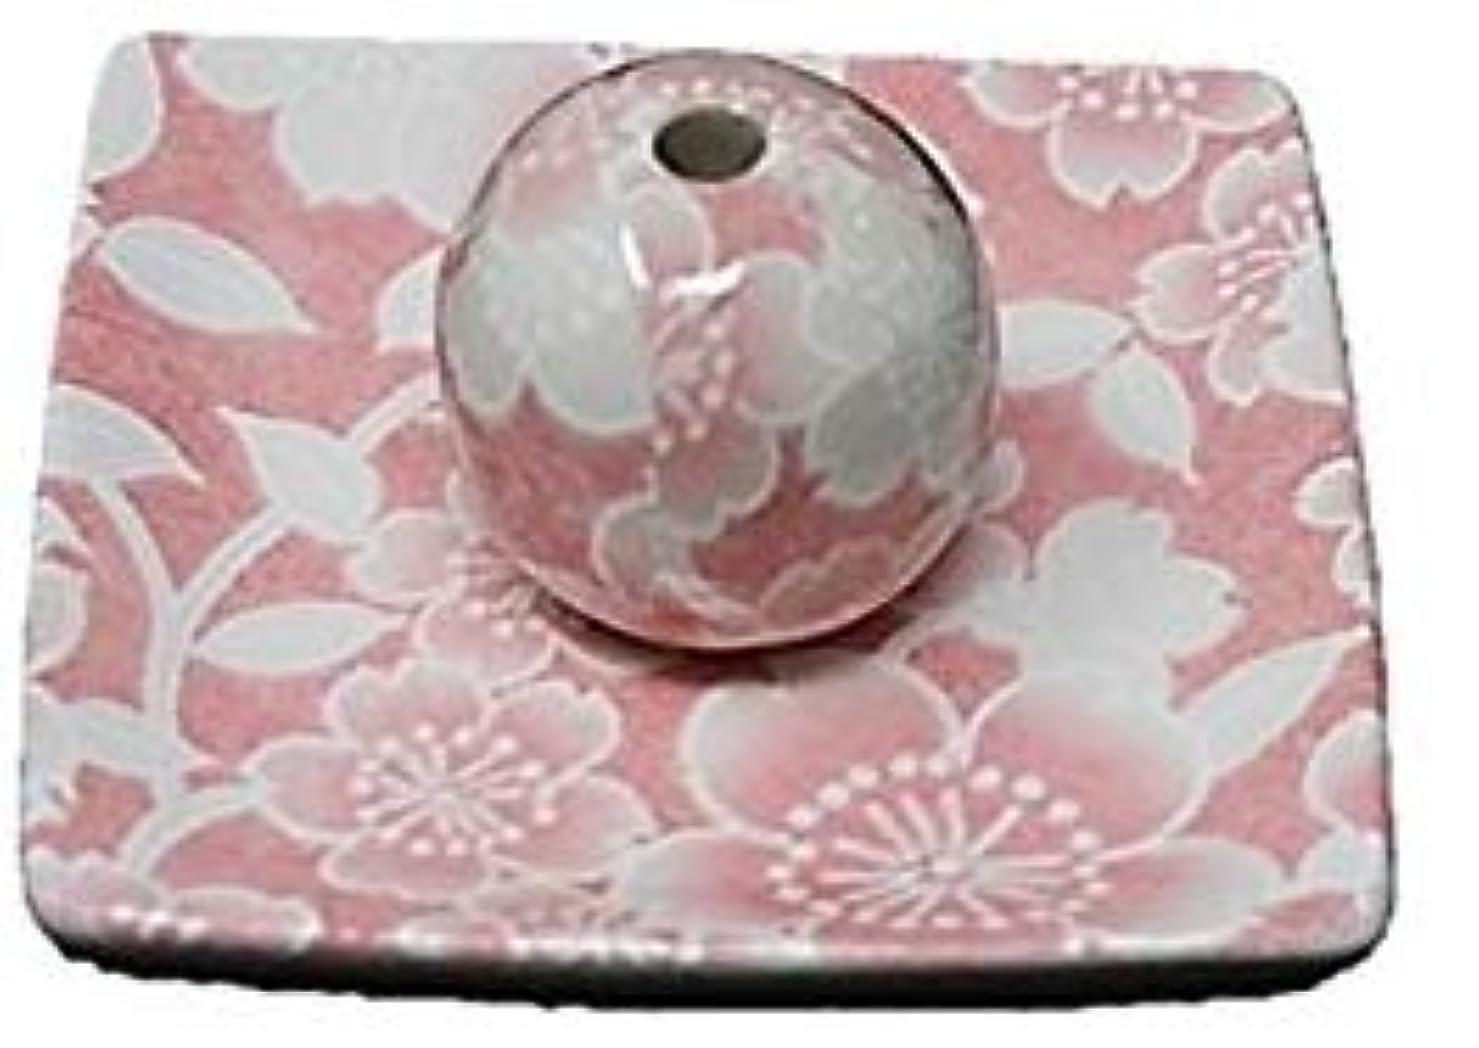 シャワー思い出させる内なる桜友禅 ピンク 小角皿 お香立て 陶器 ACSWEBSHOPオリジナル